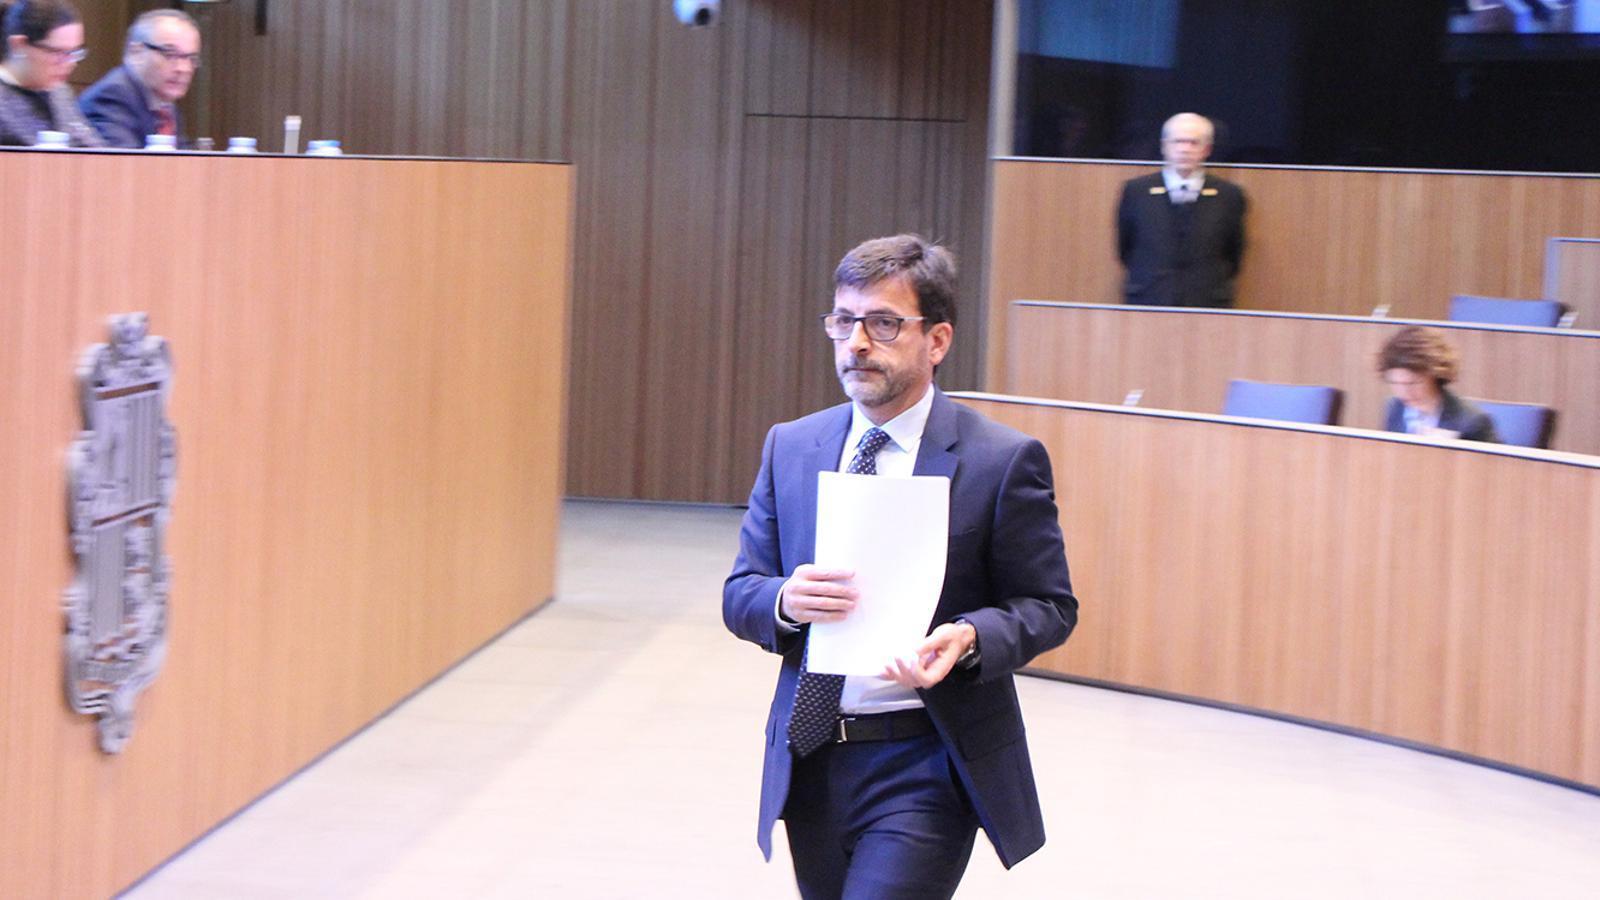 El ministre de Finances, Jordi Cinca, dirigint-se a la tribuna. / M. F. (ANA)